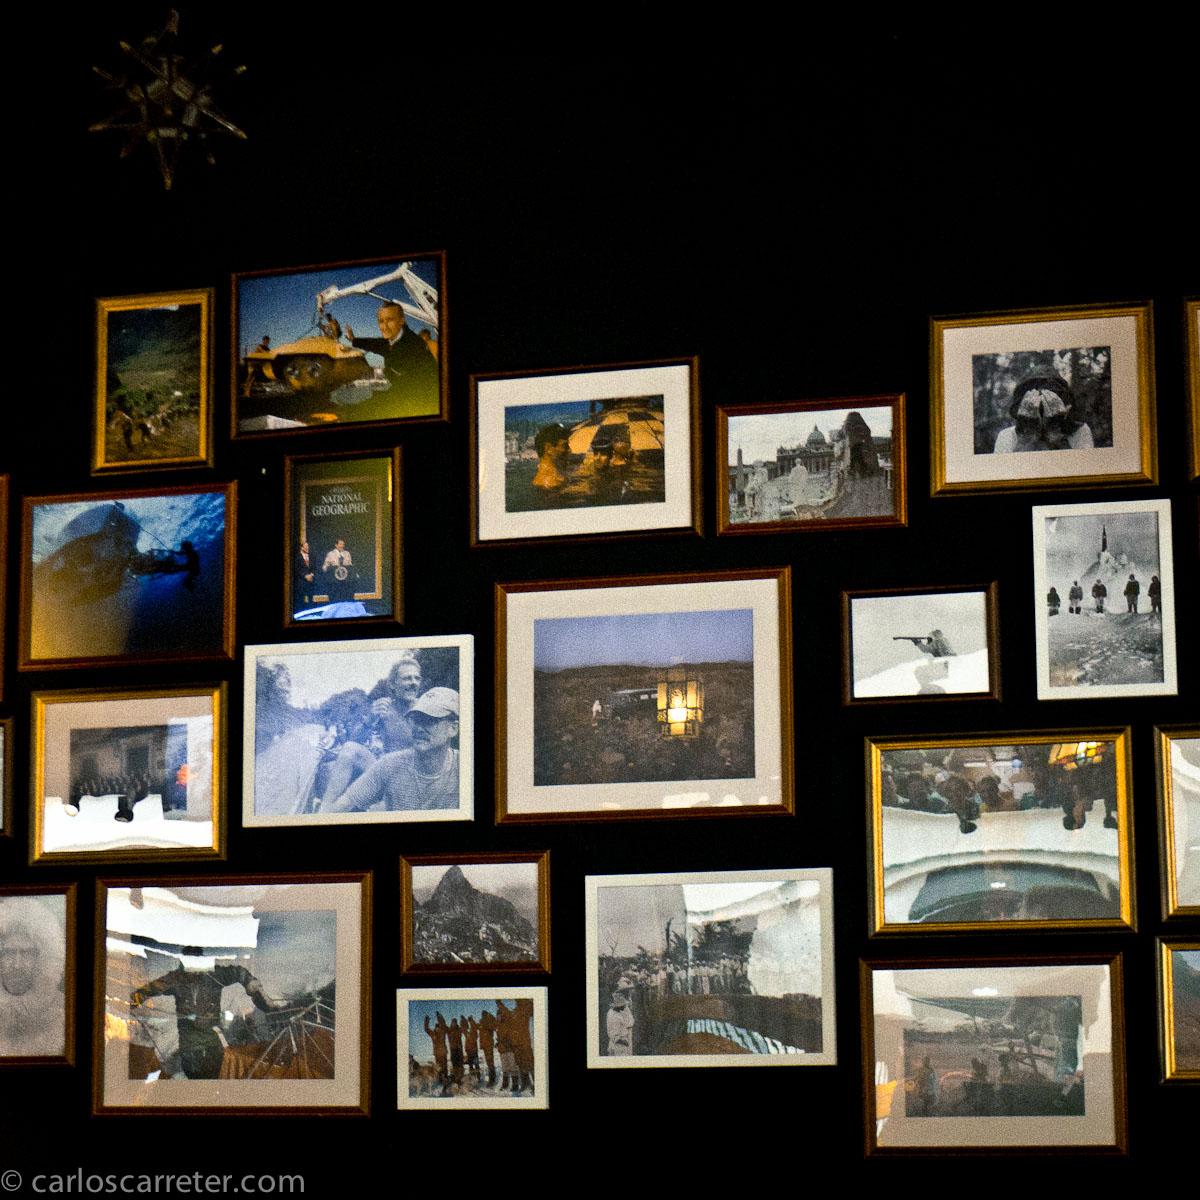 Fotografías (Tienda National Geographic)